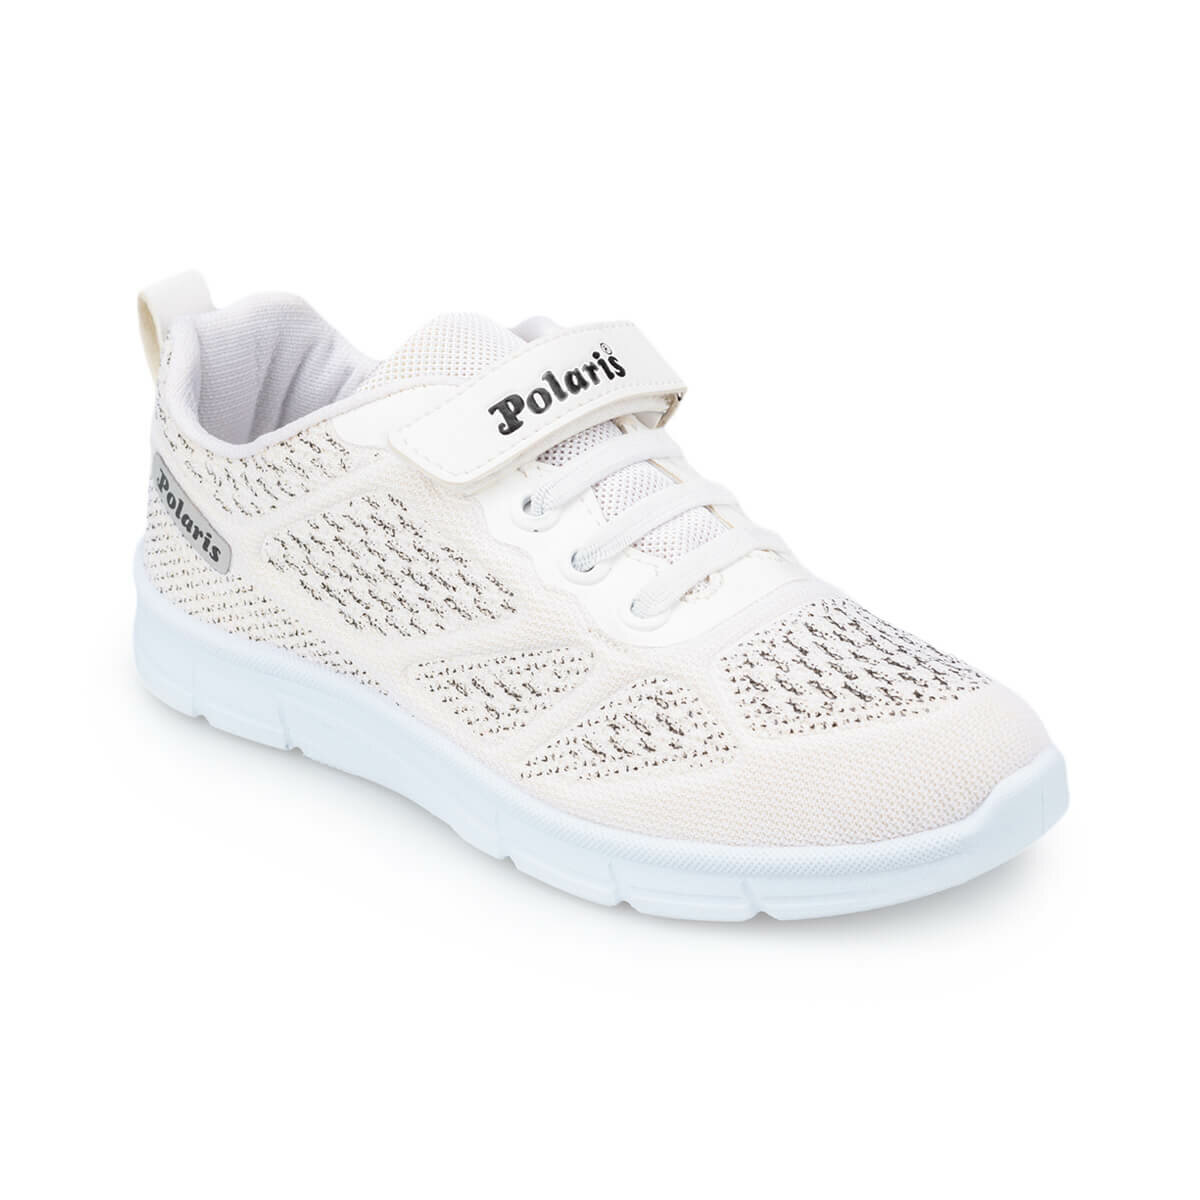 FLO 91.511228.F White Female Child Shoes Polaris